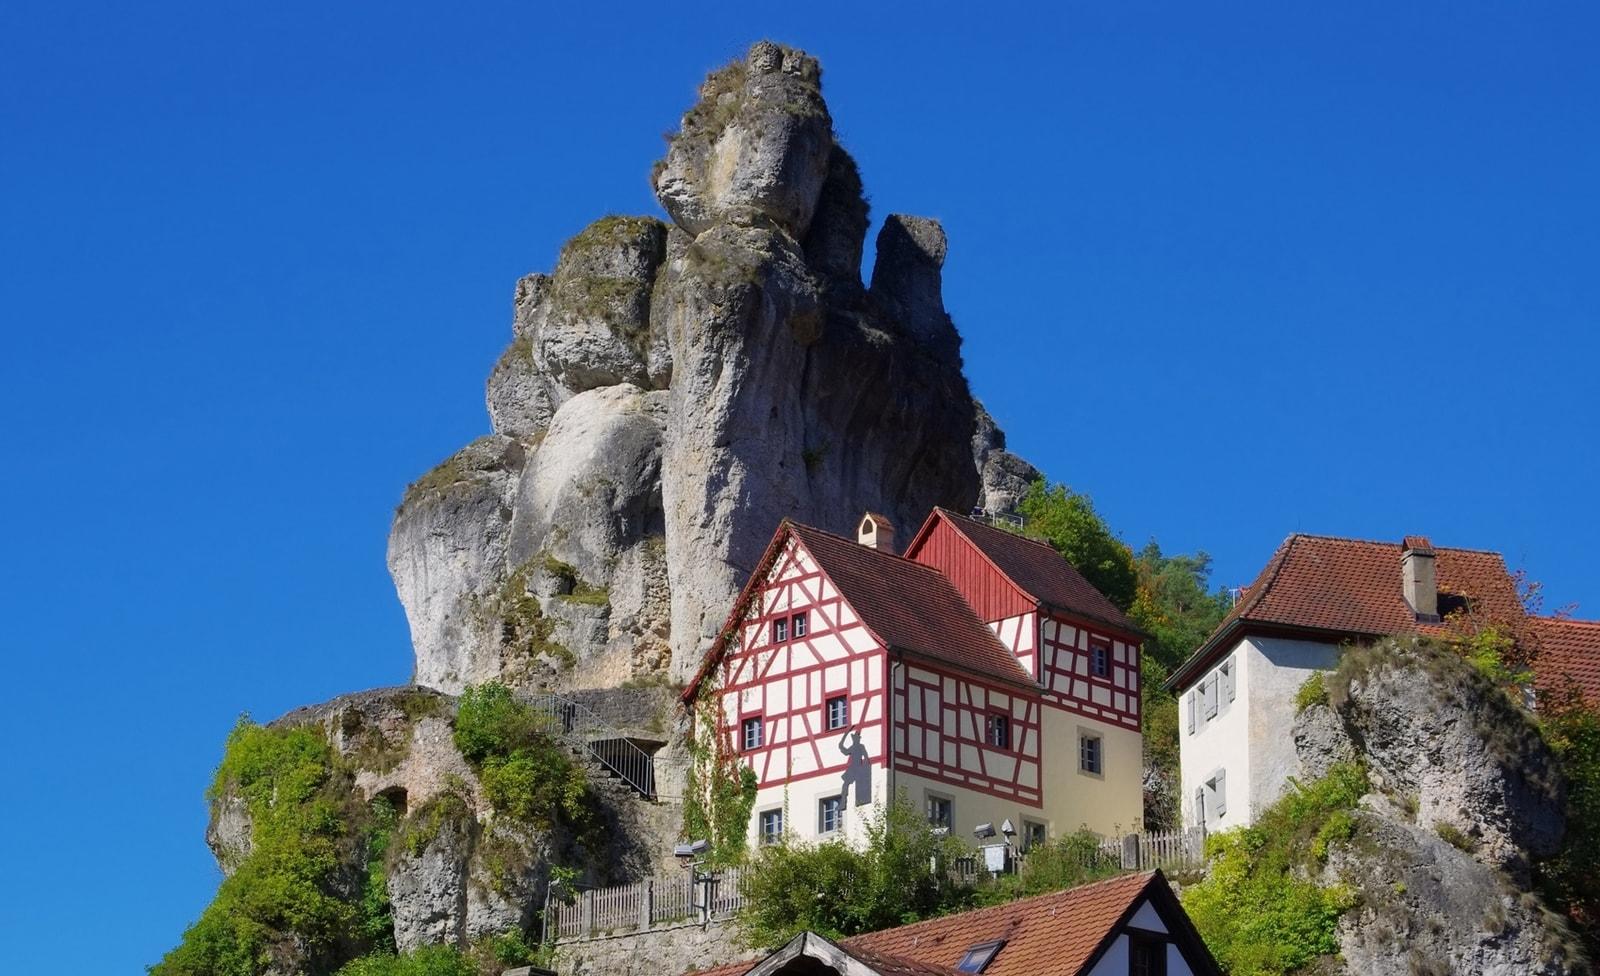 Kleinstadt in der Fränkischen Schweiz